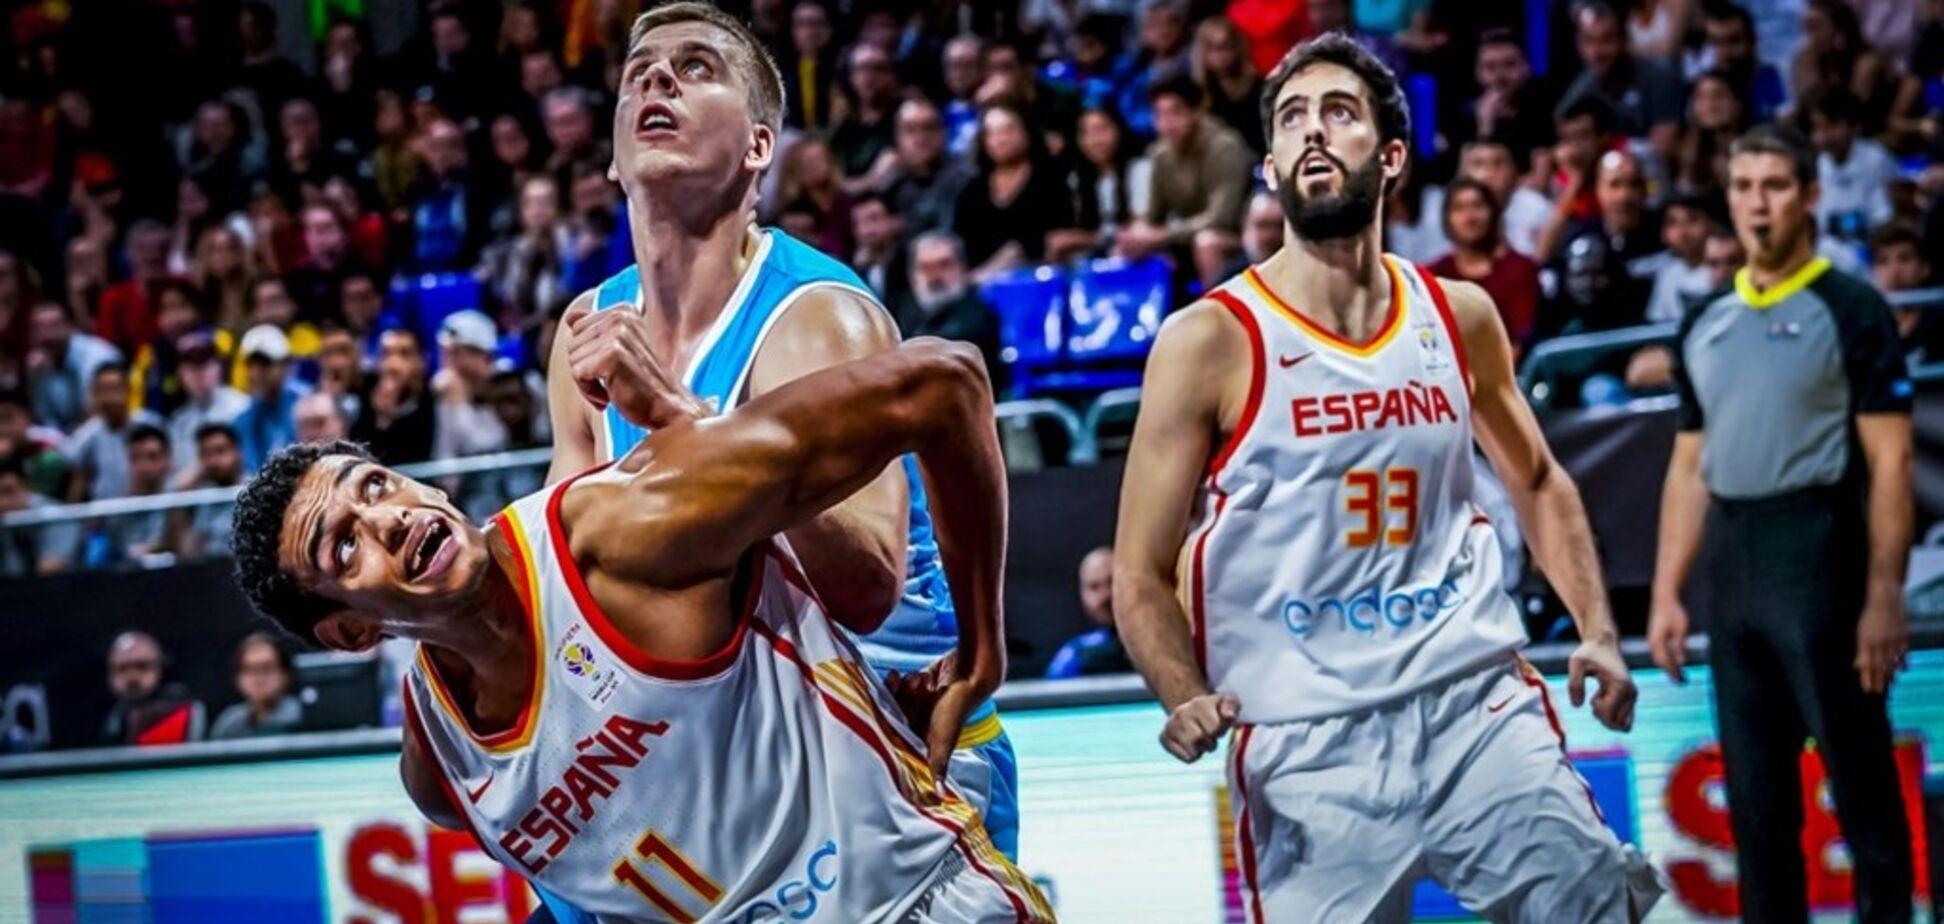 Як Україні вийти на КС-2019 з баскетболу: всі розклади